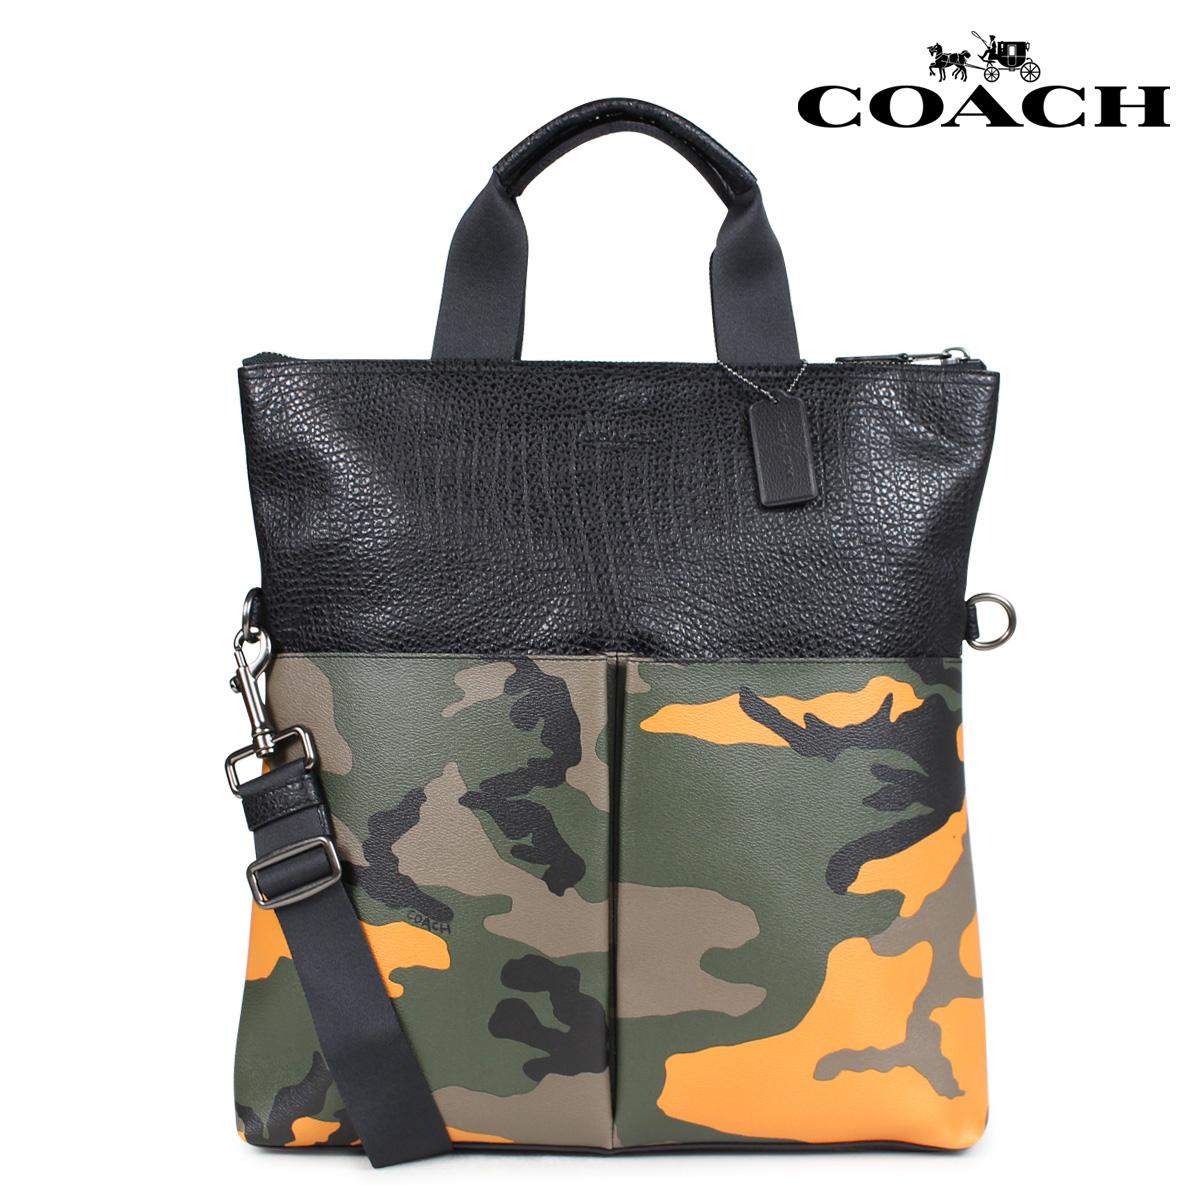 COACH コーチ バッグ トートバッグ メンズ レディース レザー オレンジカモ F24765